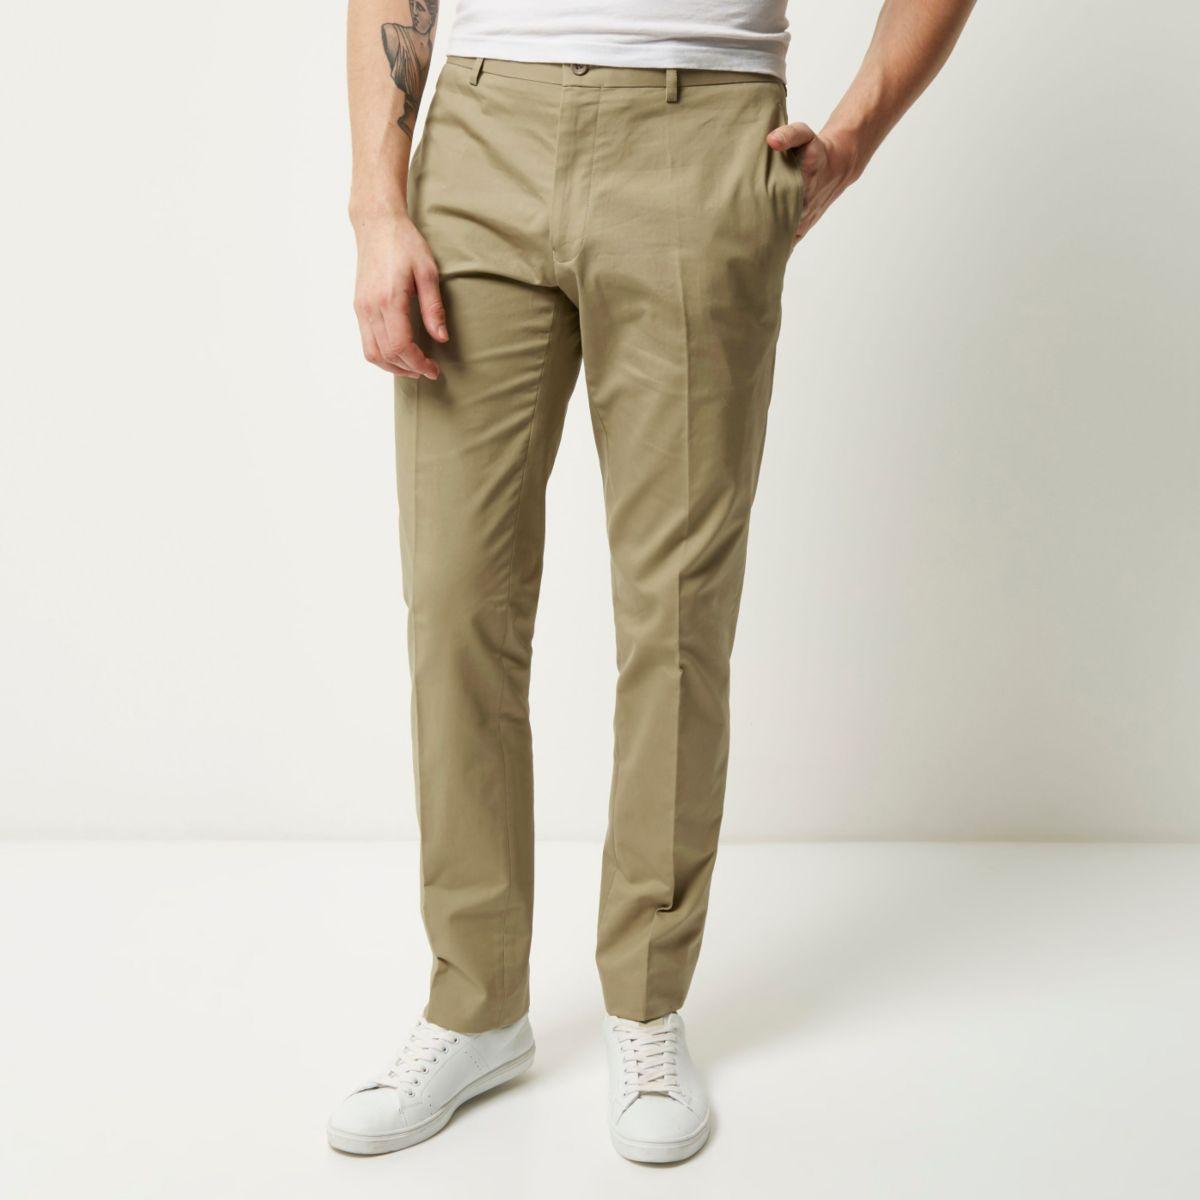 Stone Vito smart trousers